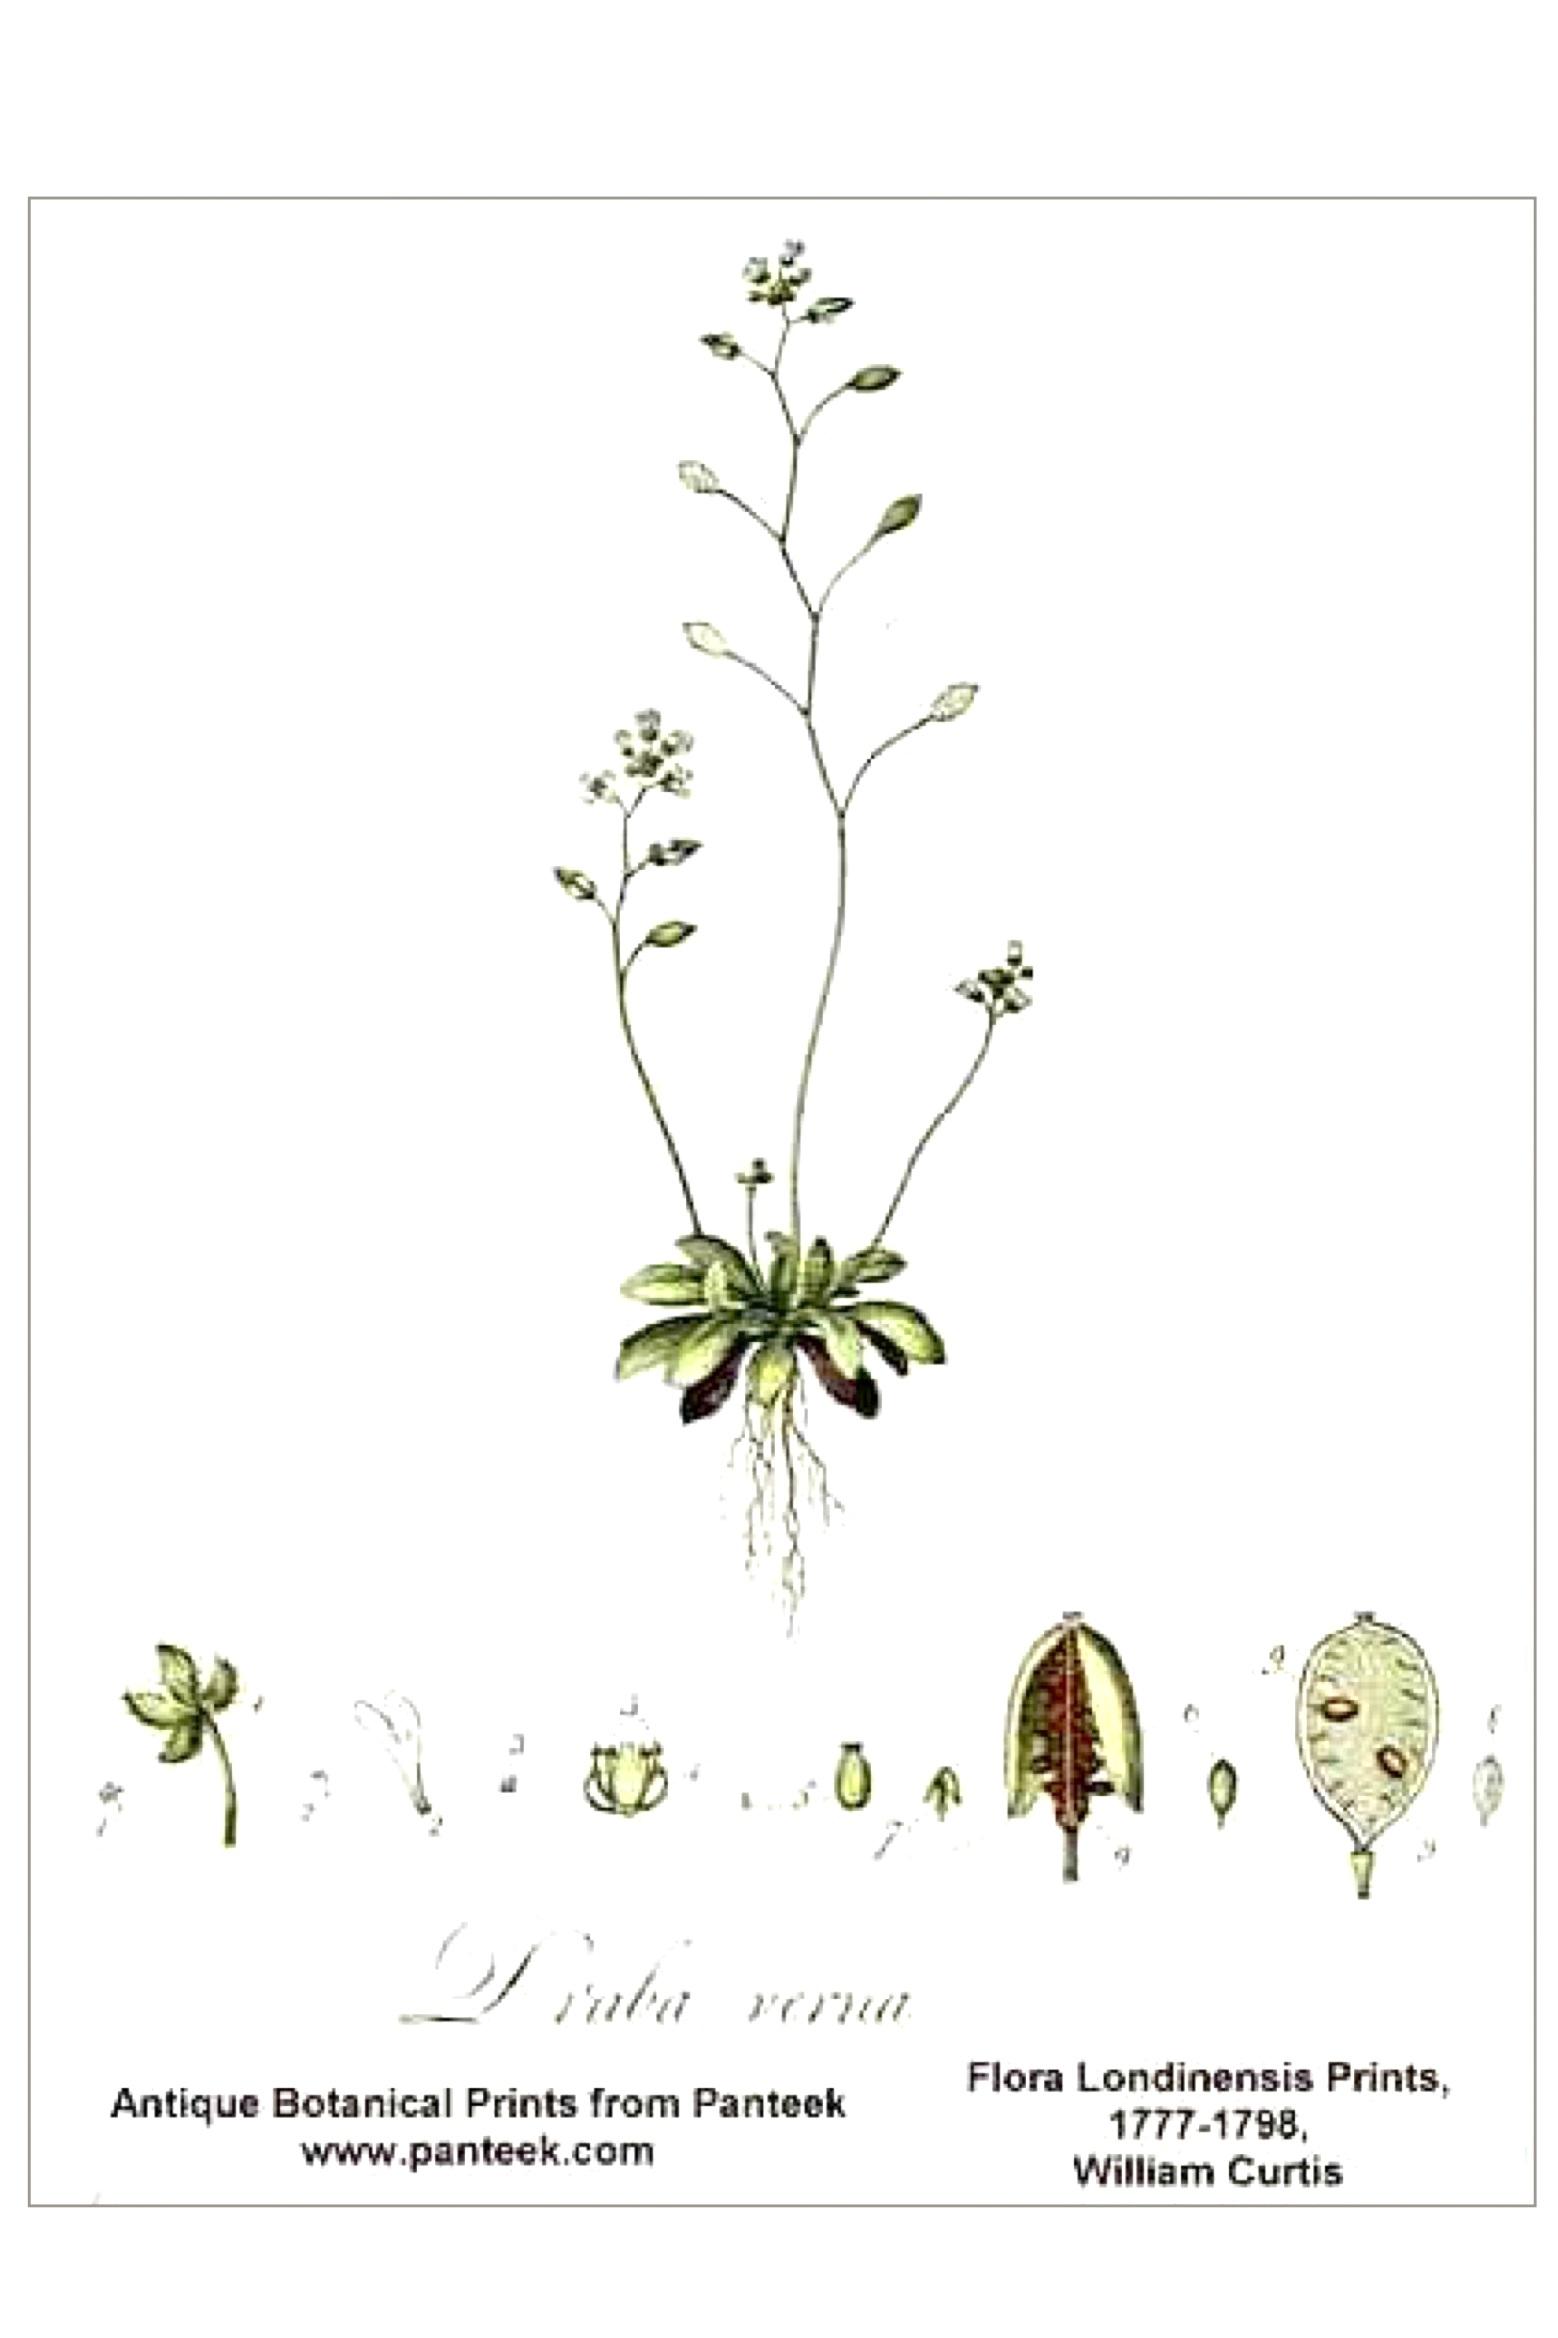 Frühlings-Hungerblümchen – Draba verna